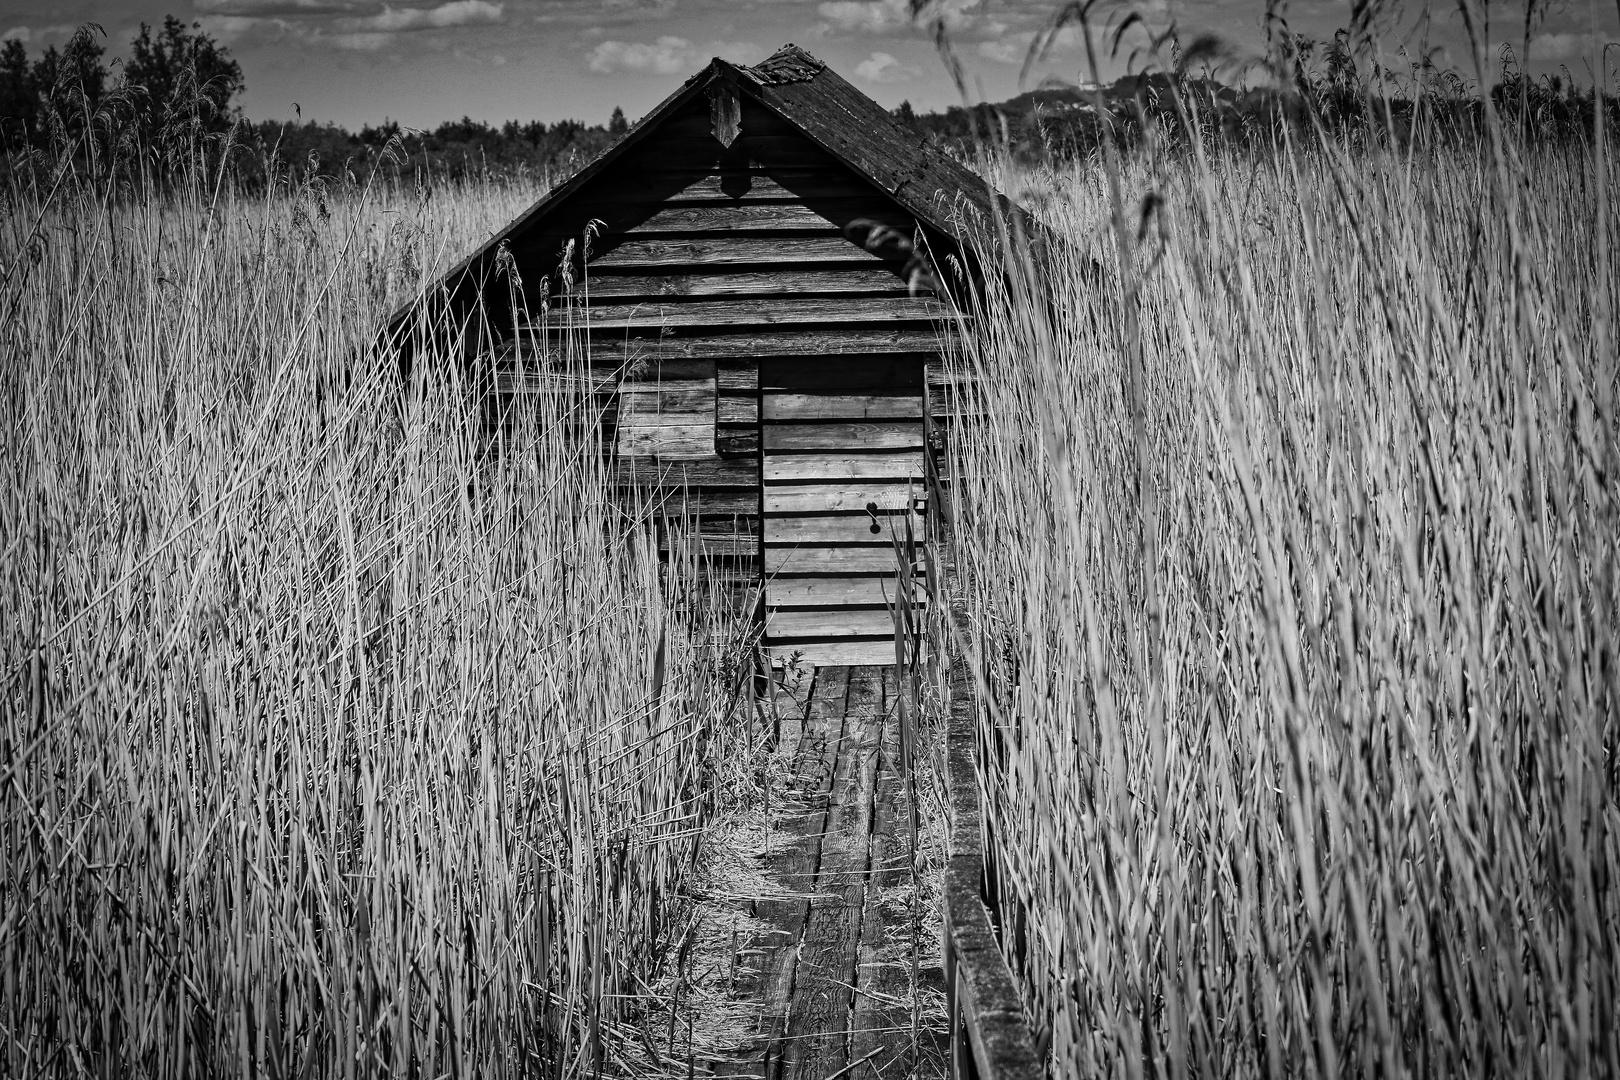 Hütte im Schilf